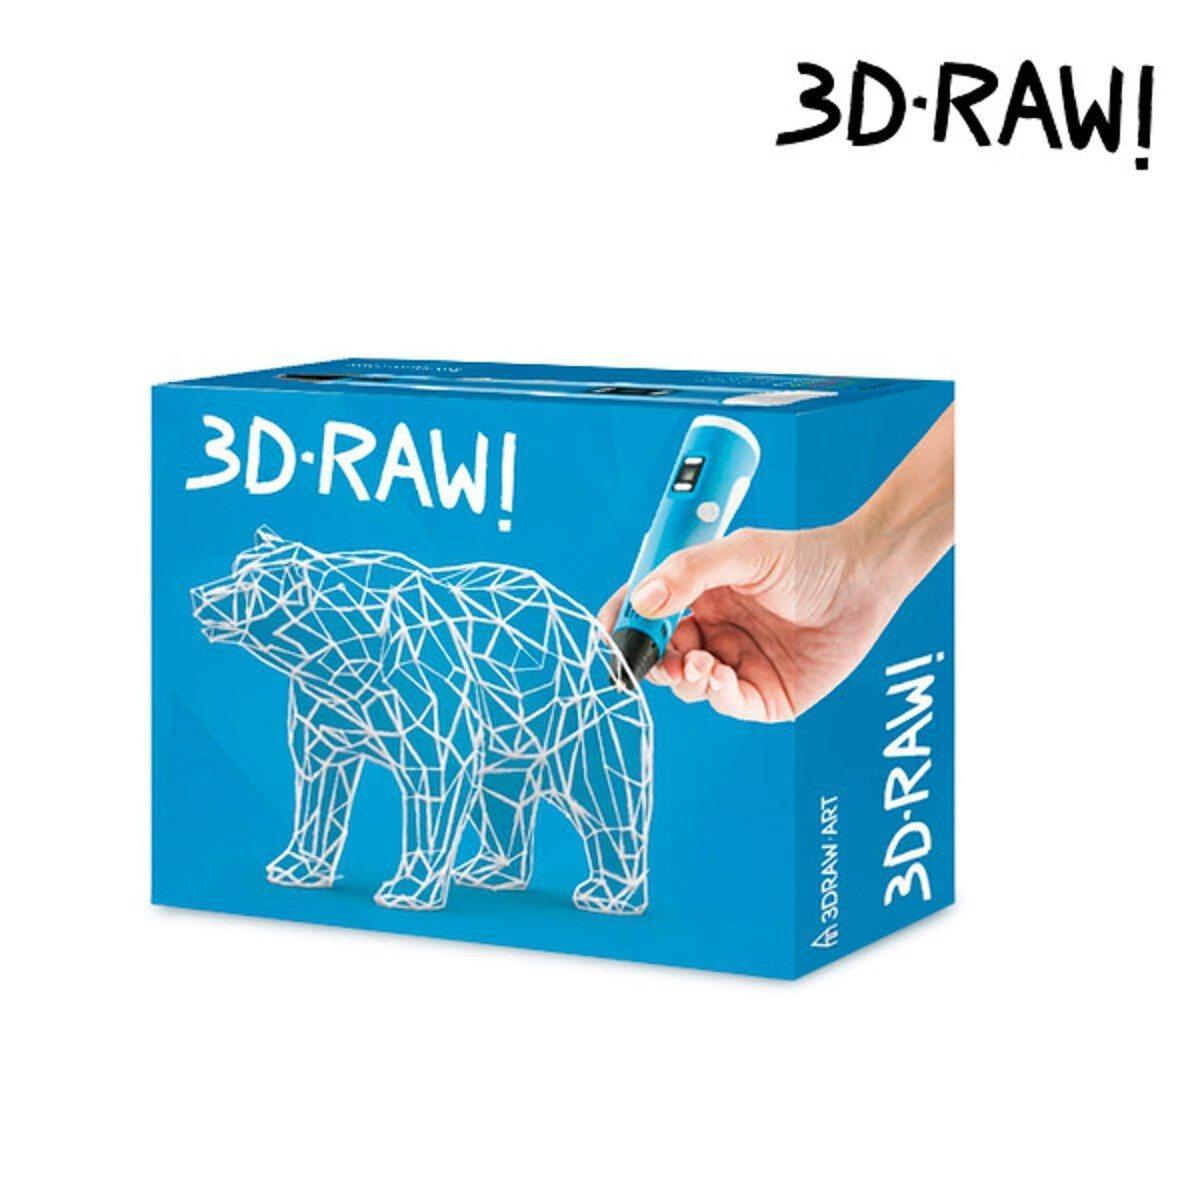 Magischer 3D-Stift - Verpackung